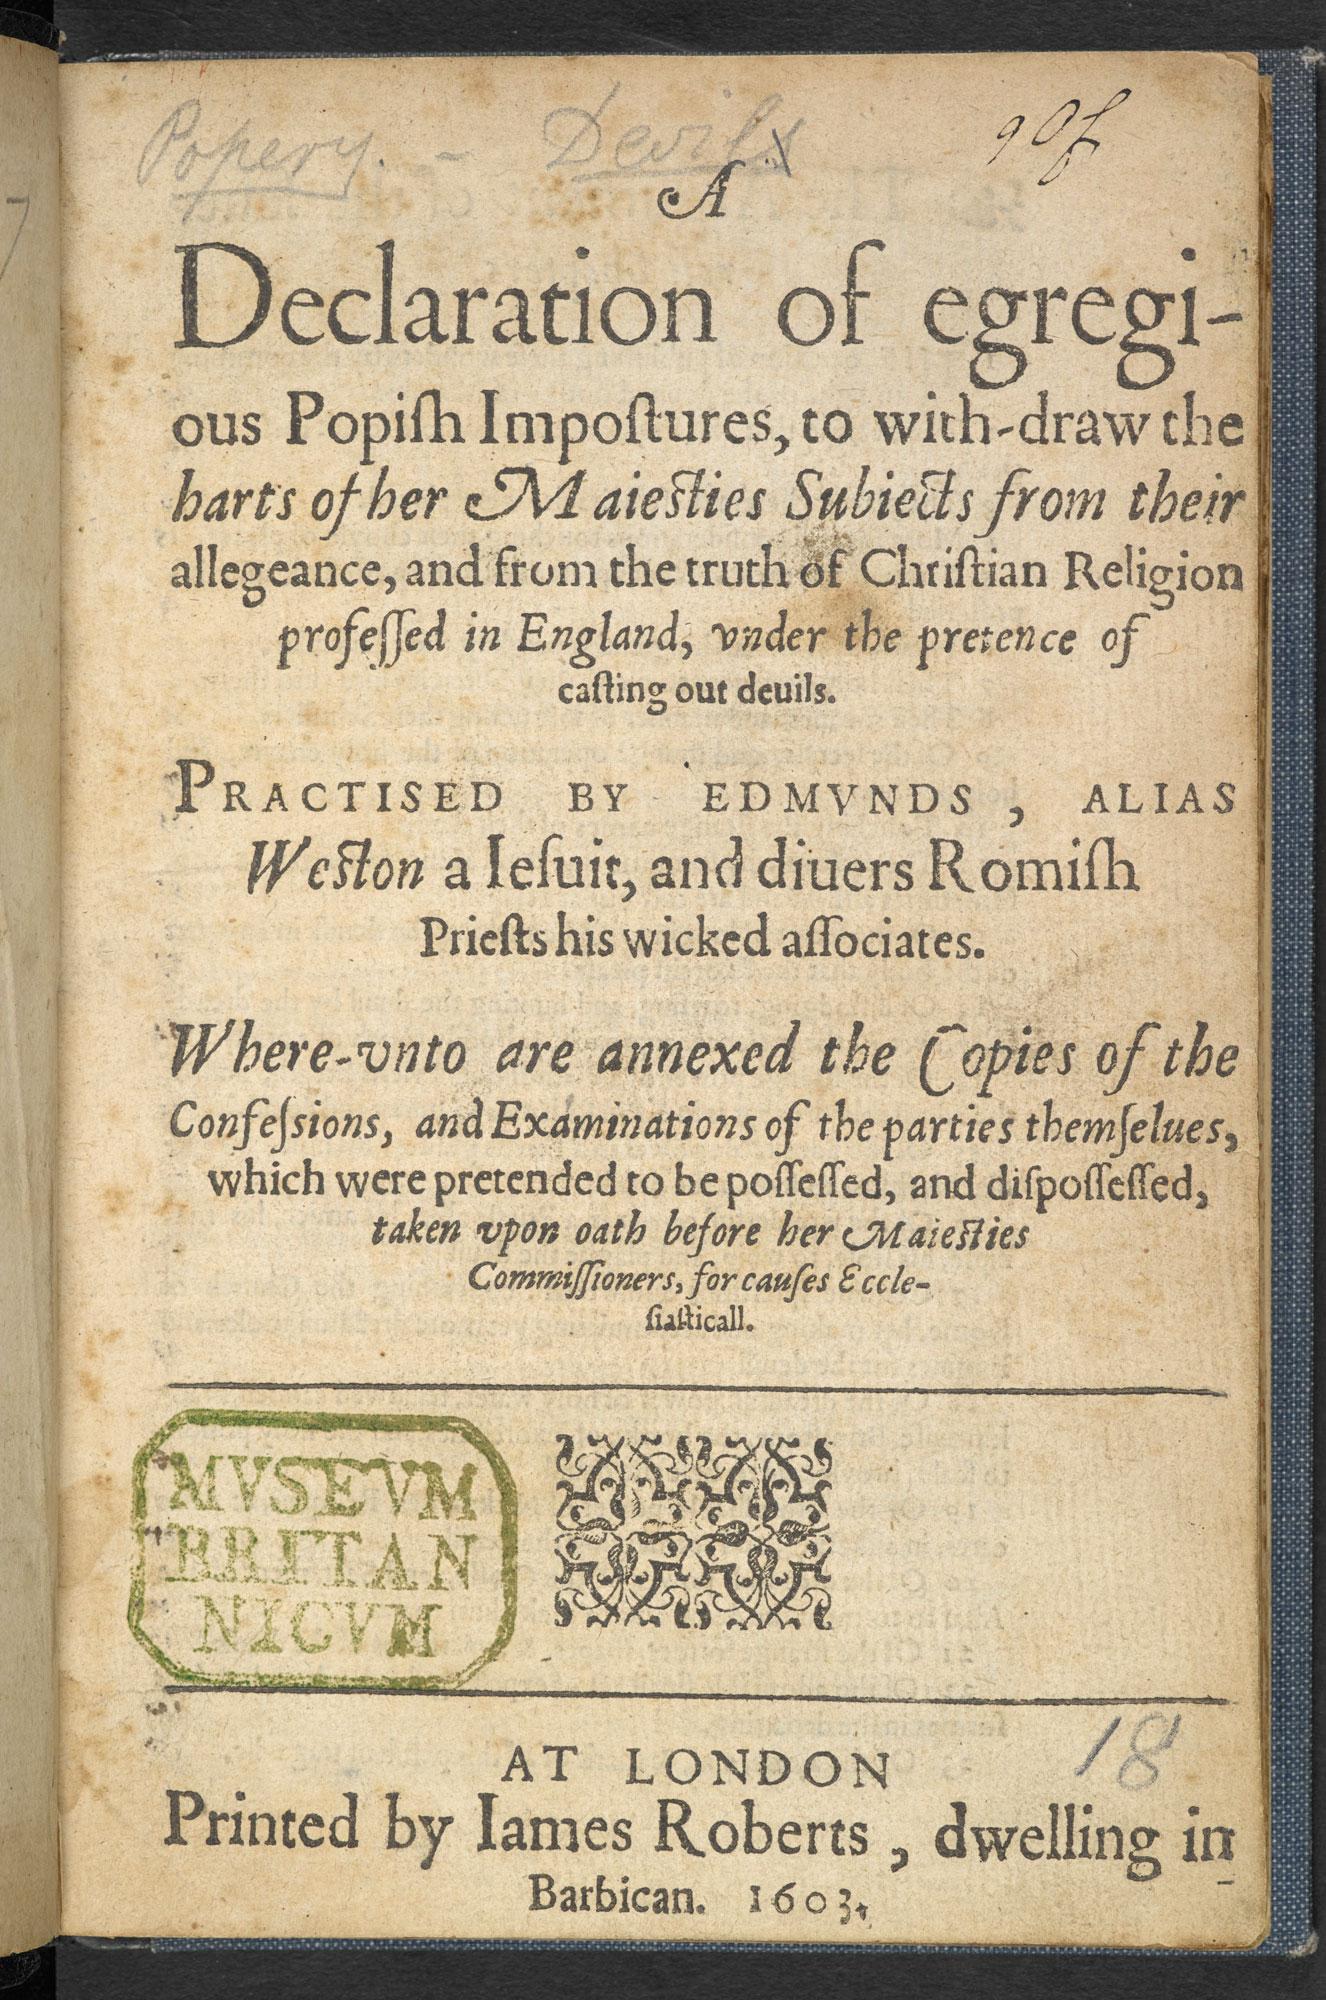 A Declaration of Egregious Popish Impostures by Samuel Harsnett, 1603